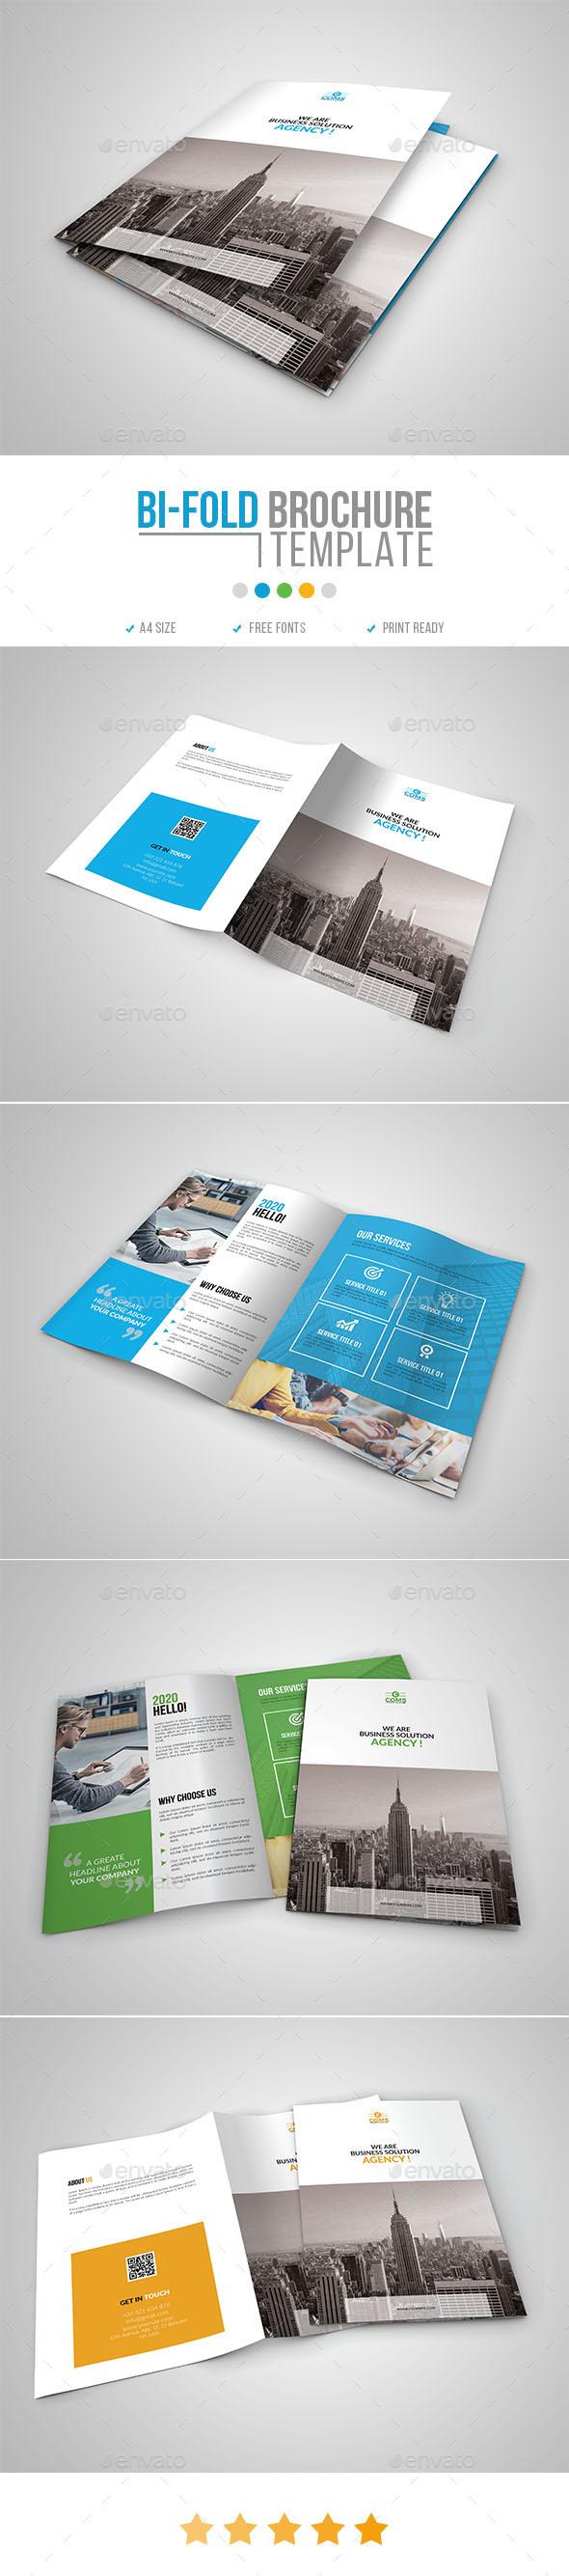 Bi Fold Brochure Template 07 - Corporate Brochures